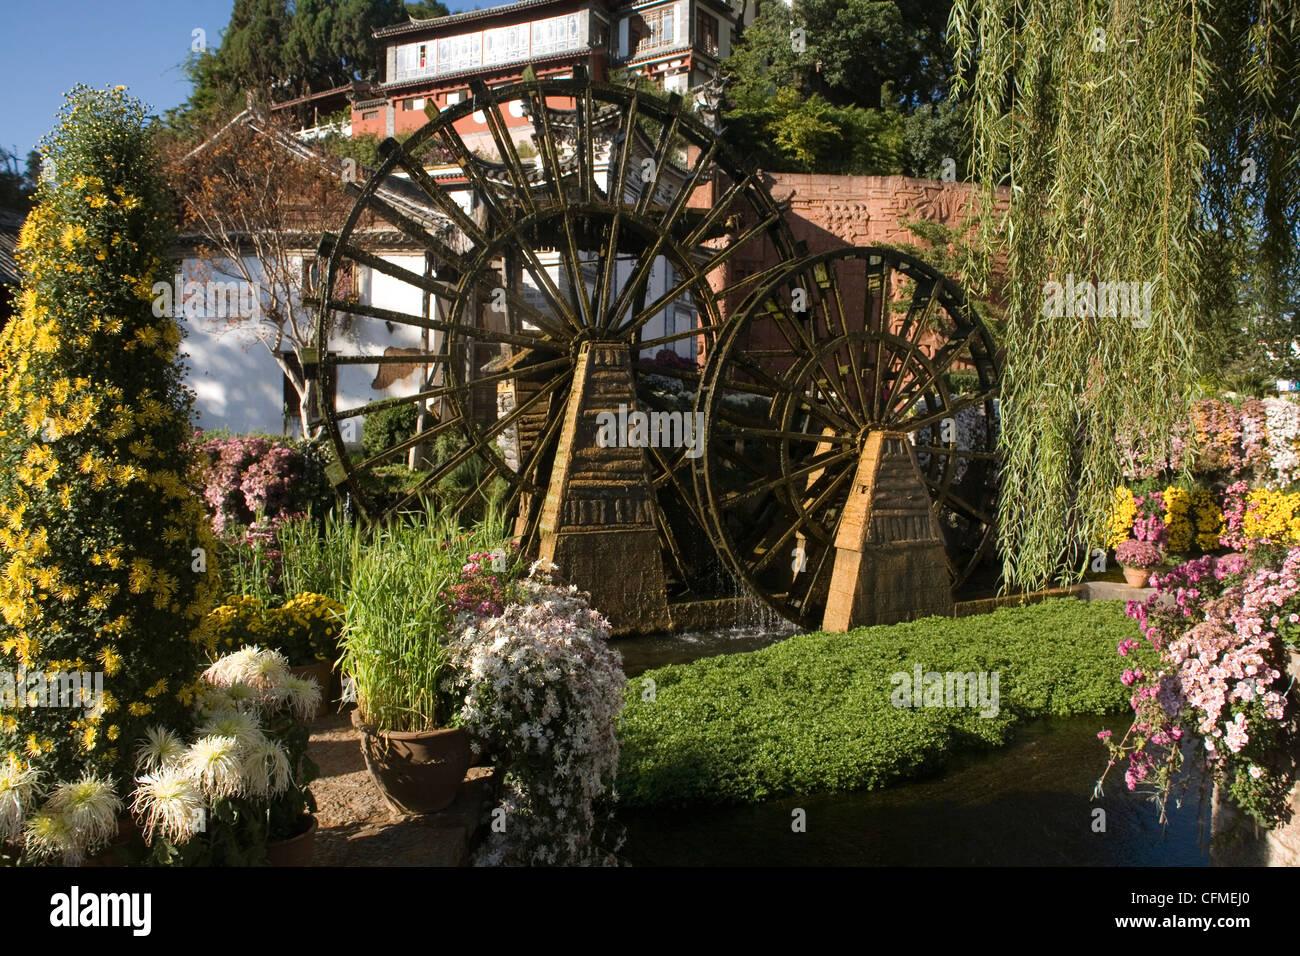 Waterwheel in Main square, Lijiang, Yunnan, China, Asia Stock Photo